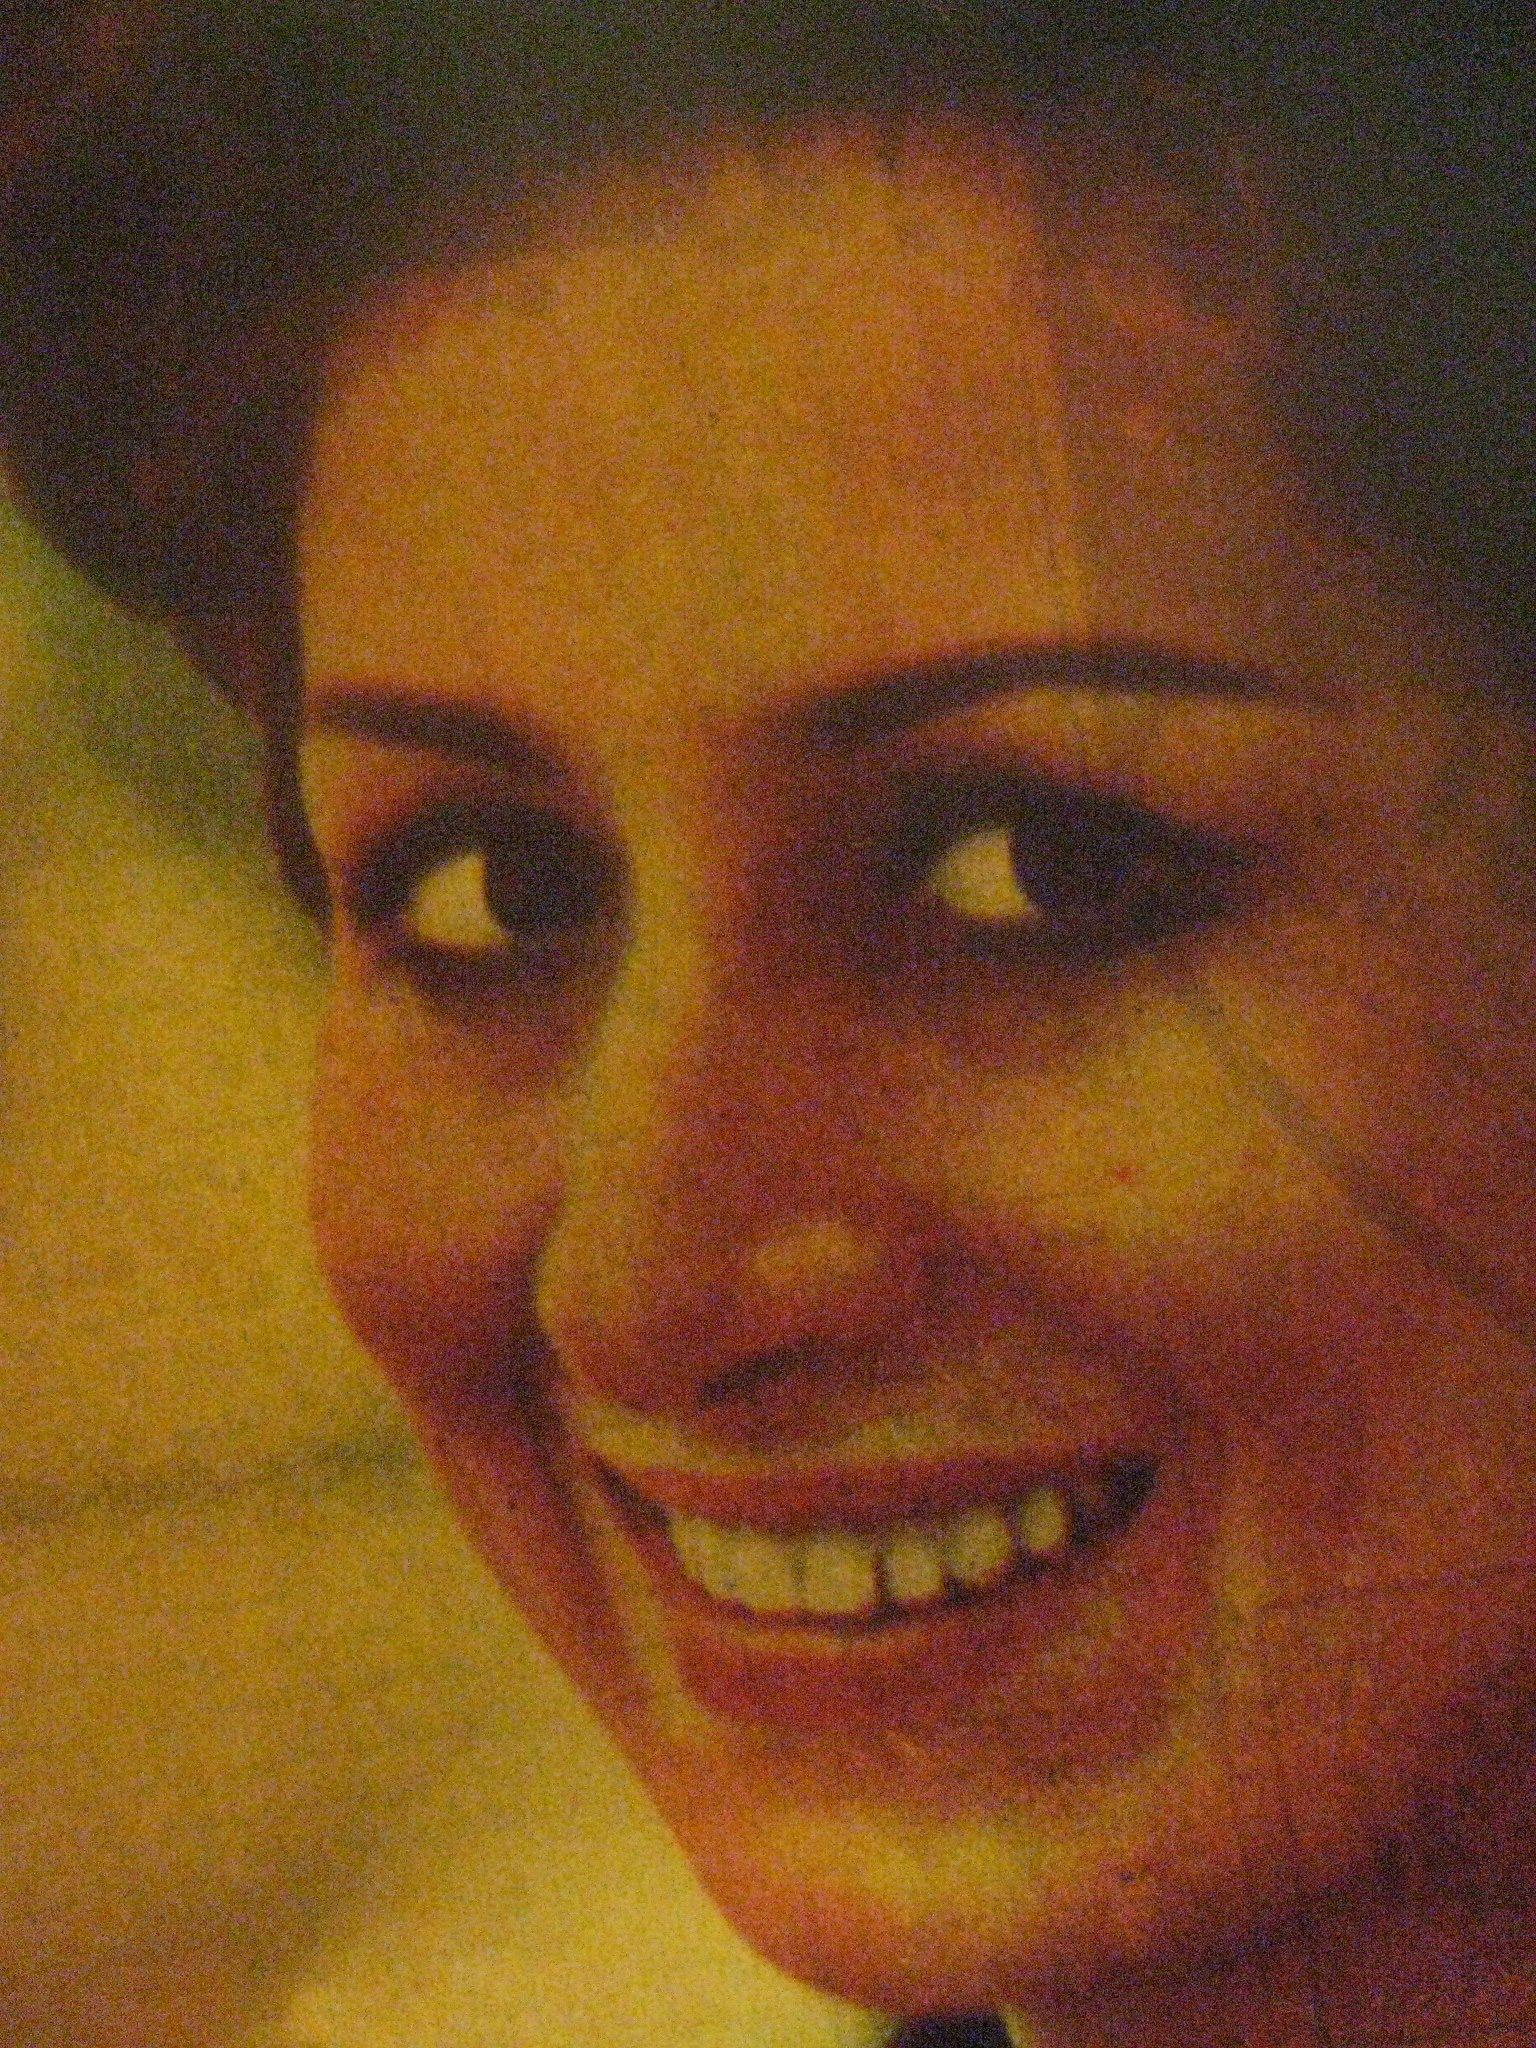 الفنانة الممثلة المصرية الجميلة فاتن انور Mona Lisa Artwork Painting